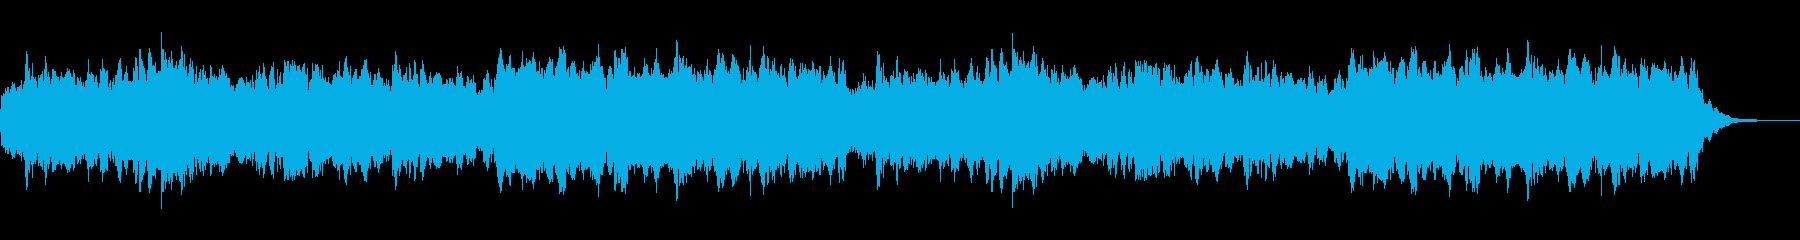 ジブリ風_アニメ_子供_絵本_癒しの森の再生済みの波形